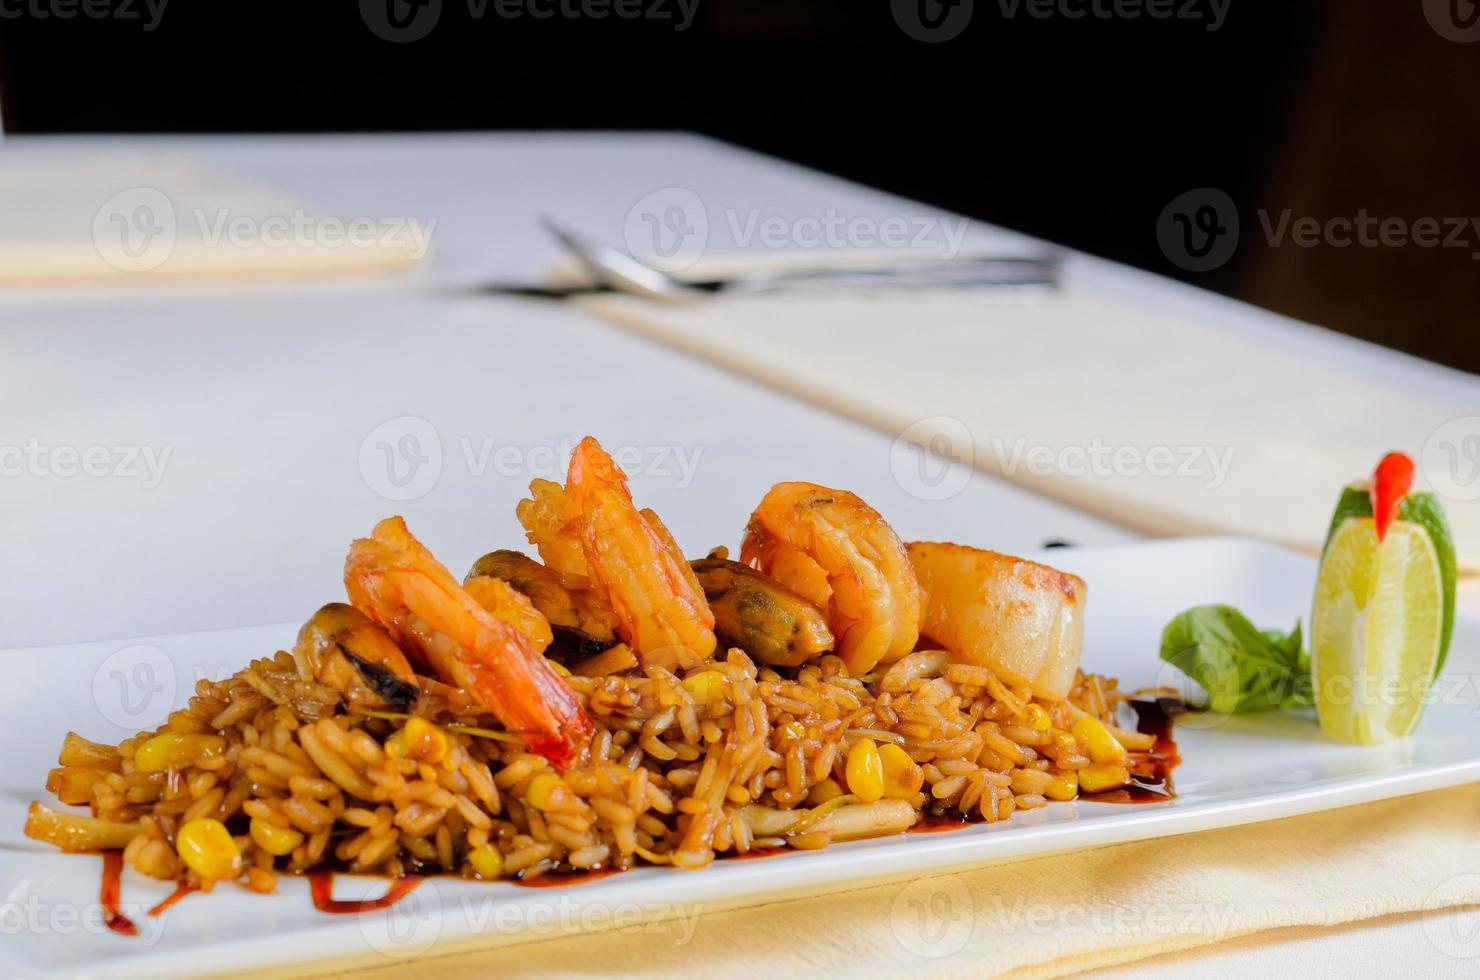 ricetta di risotto gourmet lemony sul piatto bianco foto